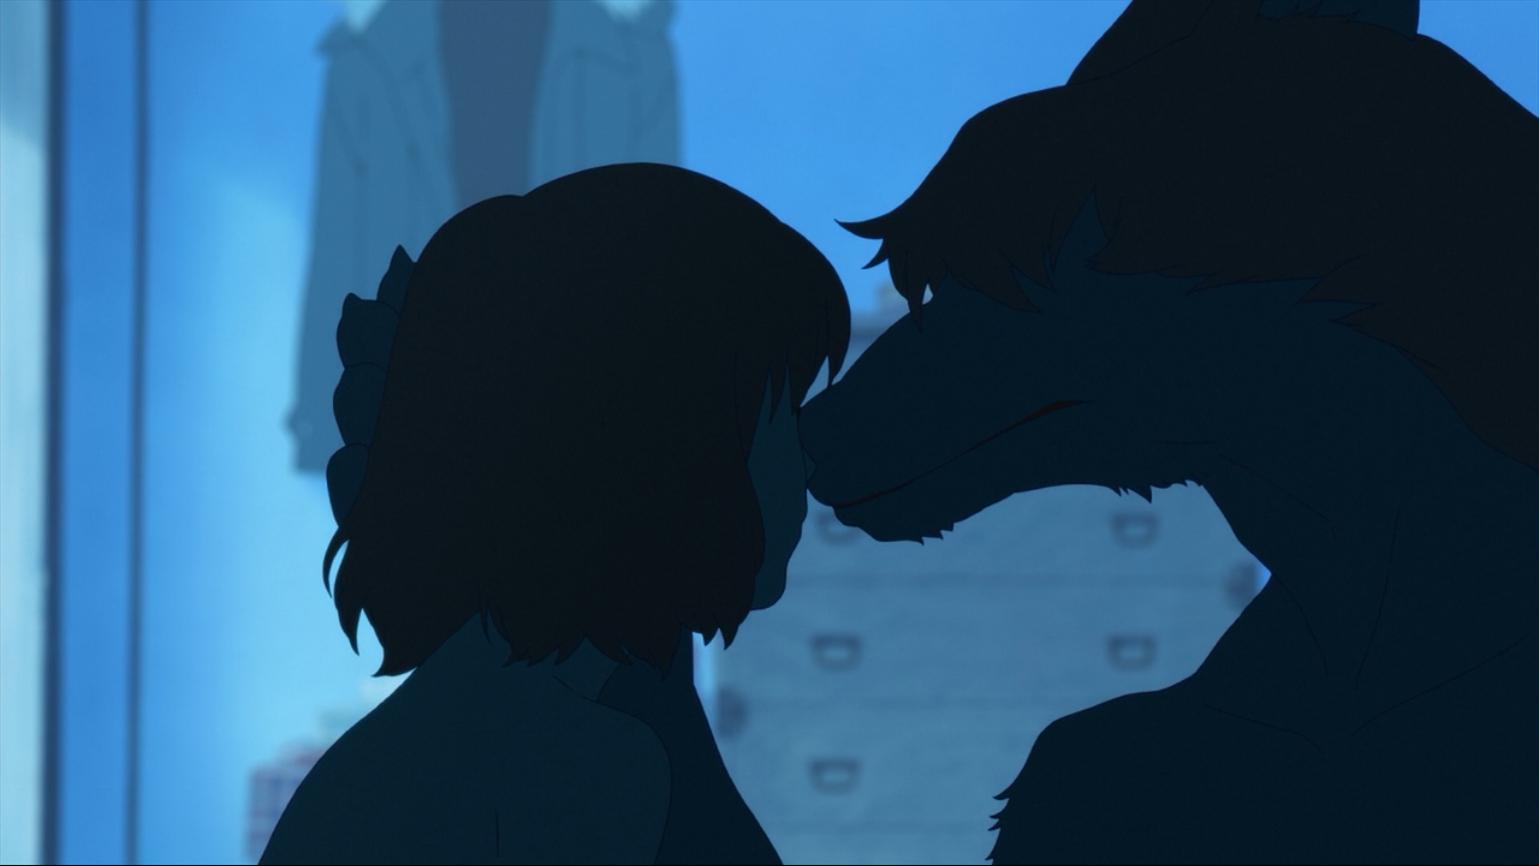 动画:人类女孩爱上一只狼,怀孕生下的孩子,是狼还是人呢?